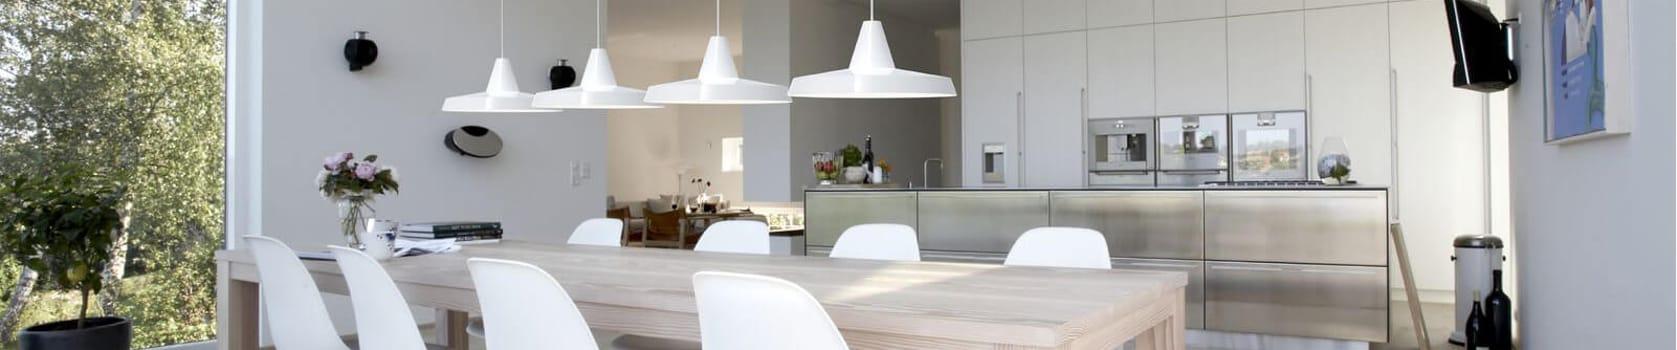 Eetkamer verlichting - Ruime keuze, scherpe prijzen | dmlights